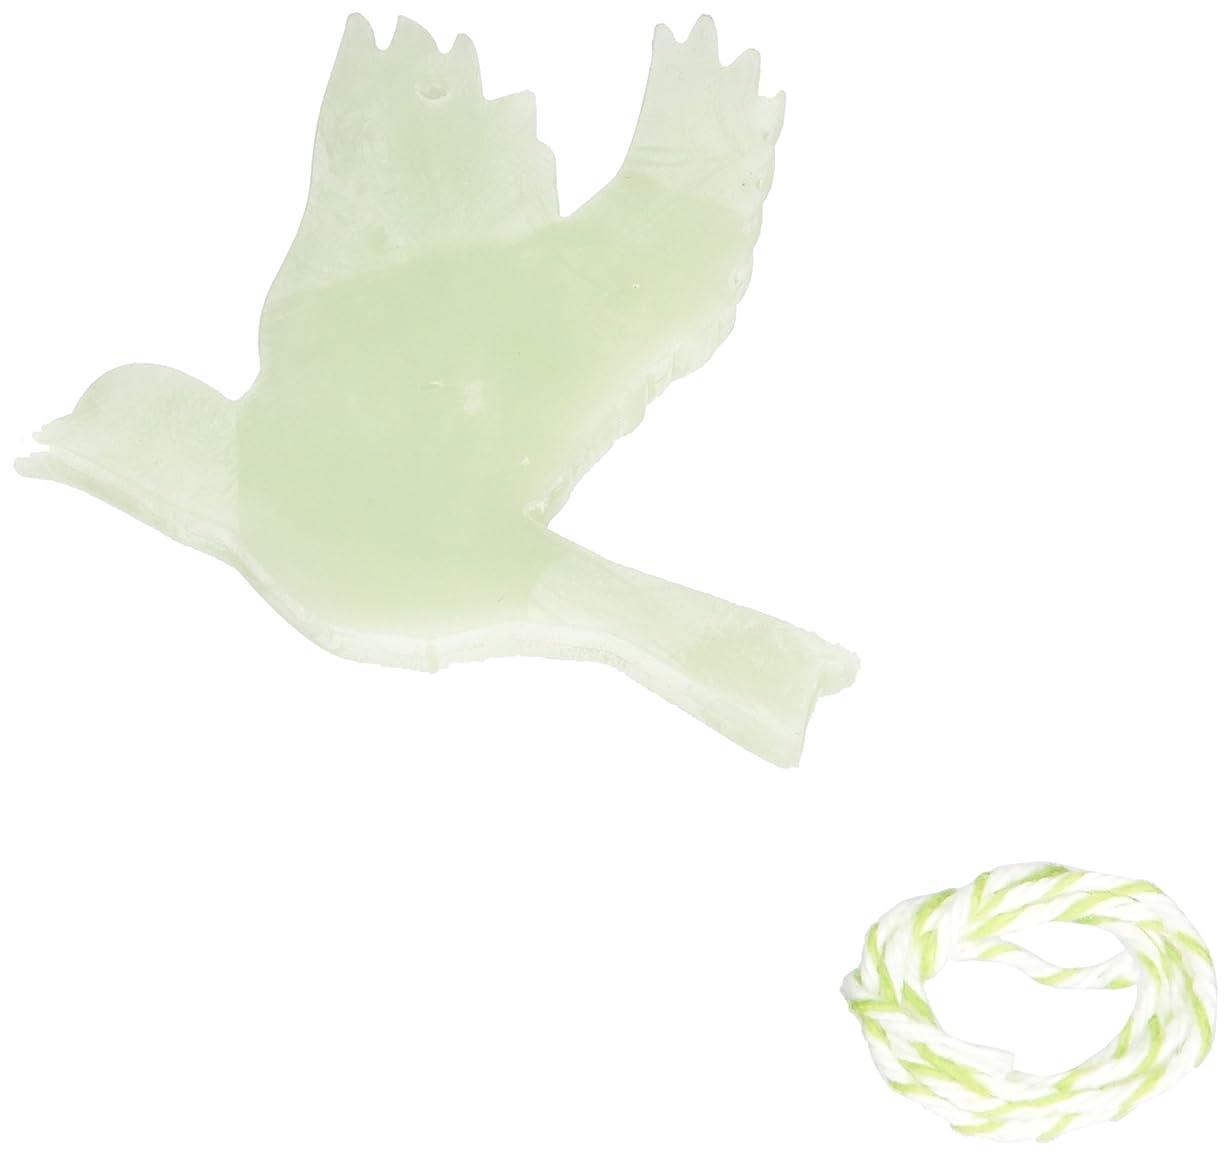 揮発性嫌悪話をするGRASSE TOKYO AROMATICWAXチャーム「ハト」(GR) レモングラス アロマティックワックス グラーストウキョウ